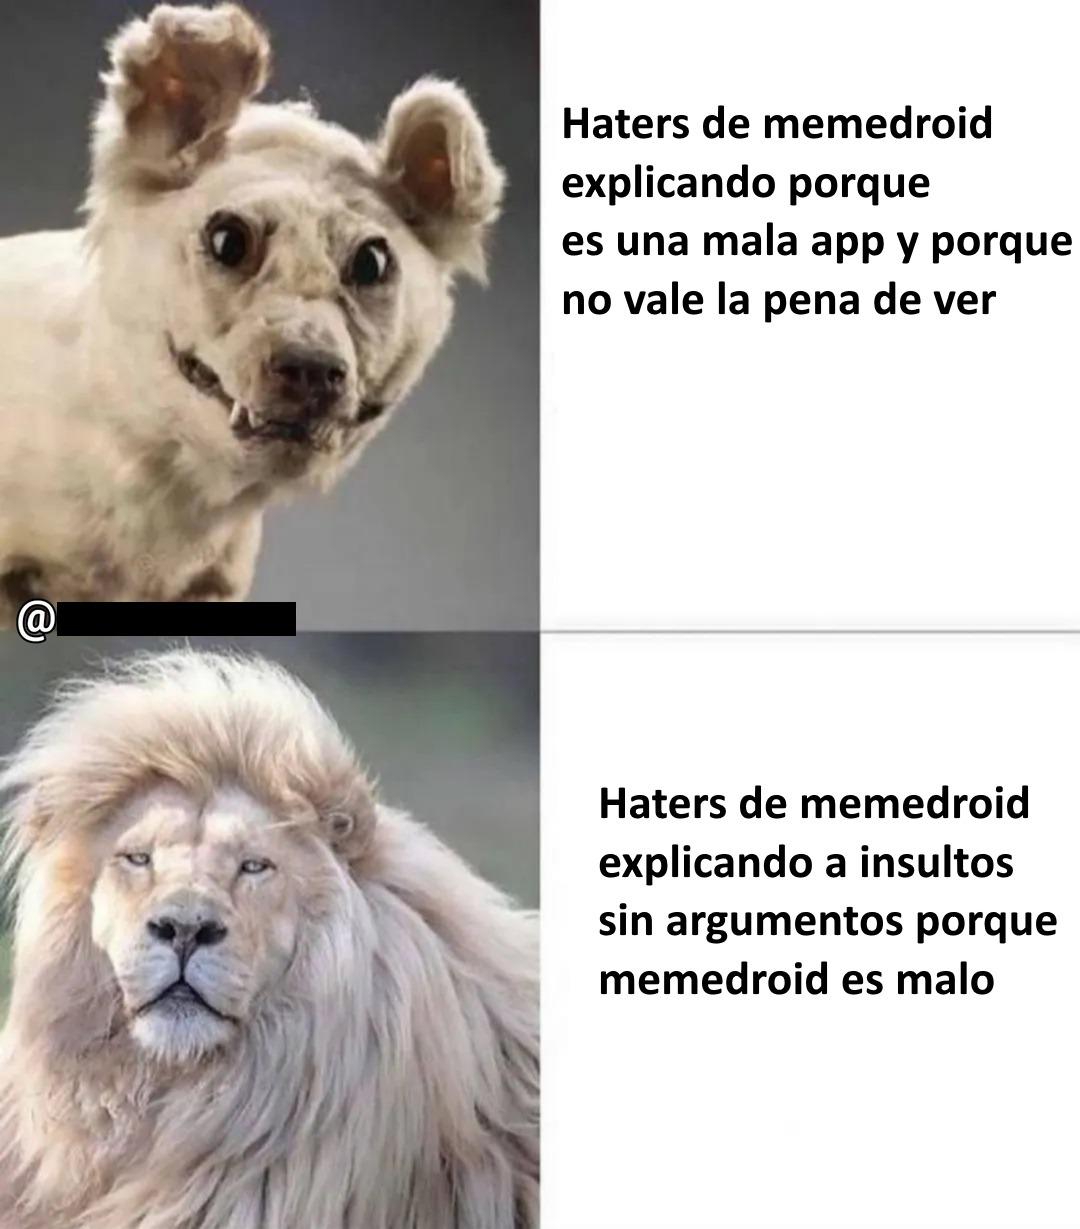 este es el unico meme en el que admiro a los haters, y eso que soy amable pendejos PD: El comentario con mas positivos no dice la verdad